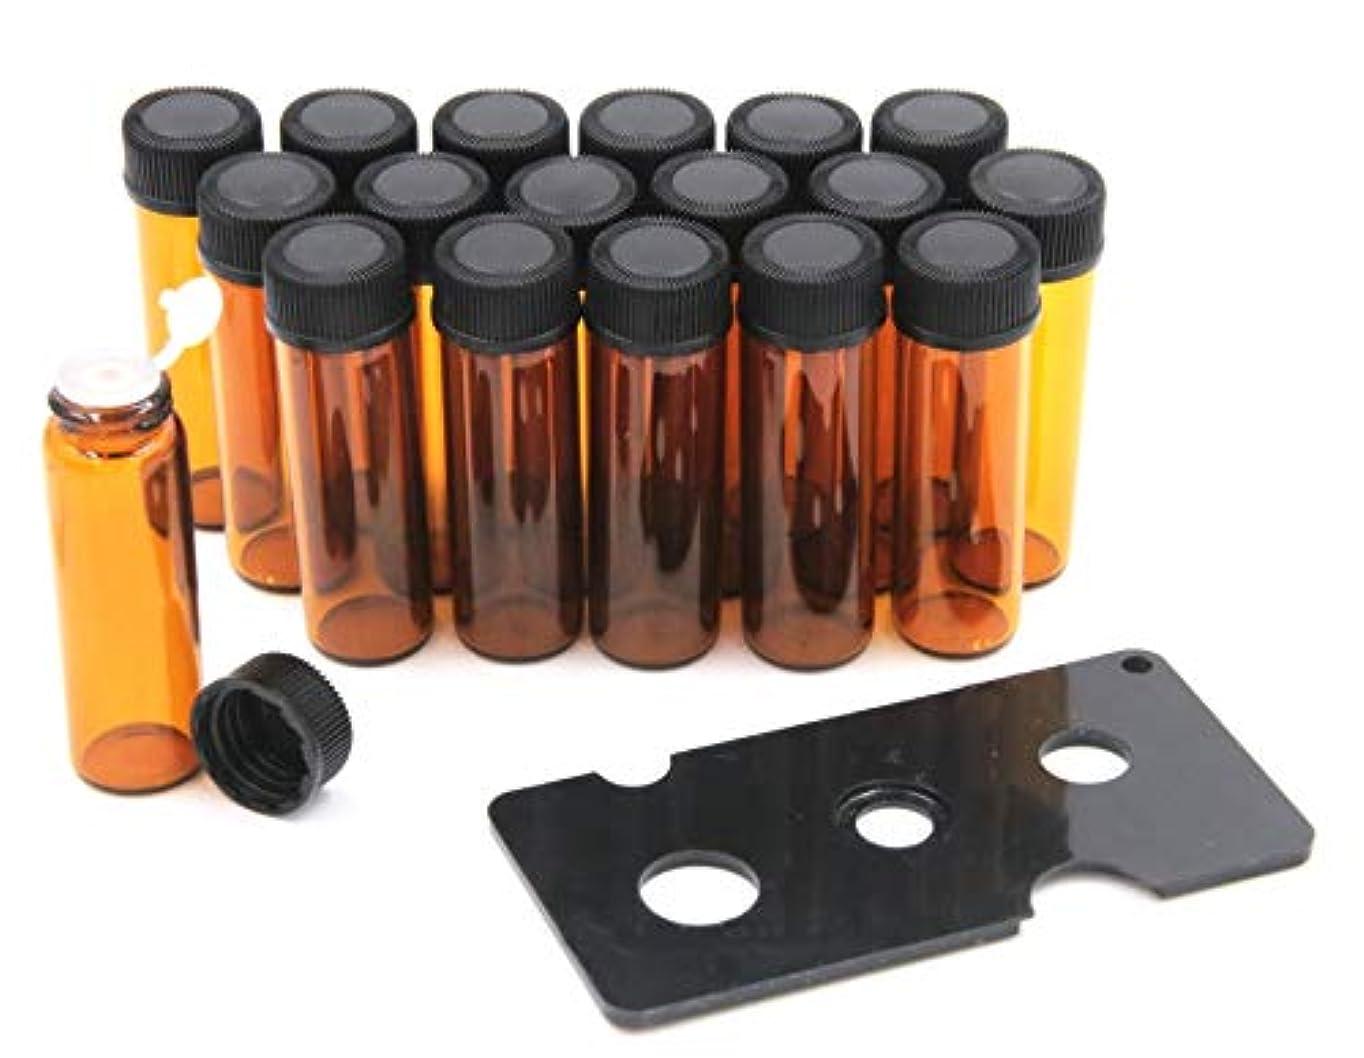 サイドボード吸収する危険を冒しますXPdesign アロマ 小分け遮光瓶 アロマオイル 遮光瓶 保存 容器 詰め替え 香水 ボトル 耐熱ガラス (5ml 18本セット)